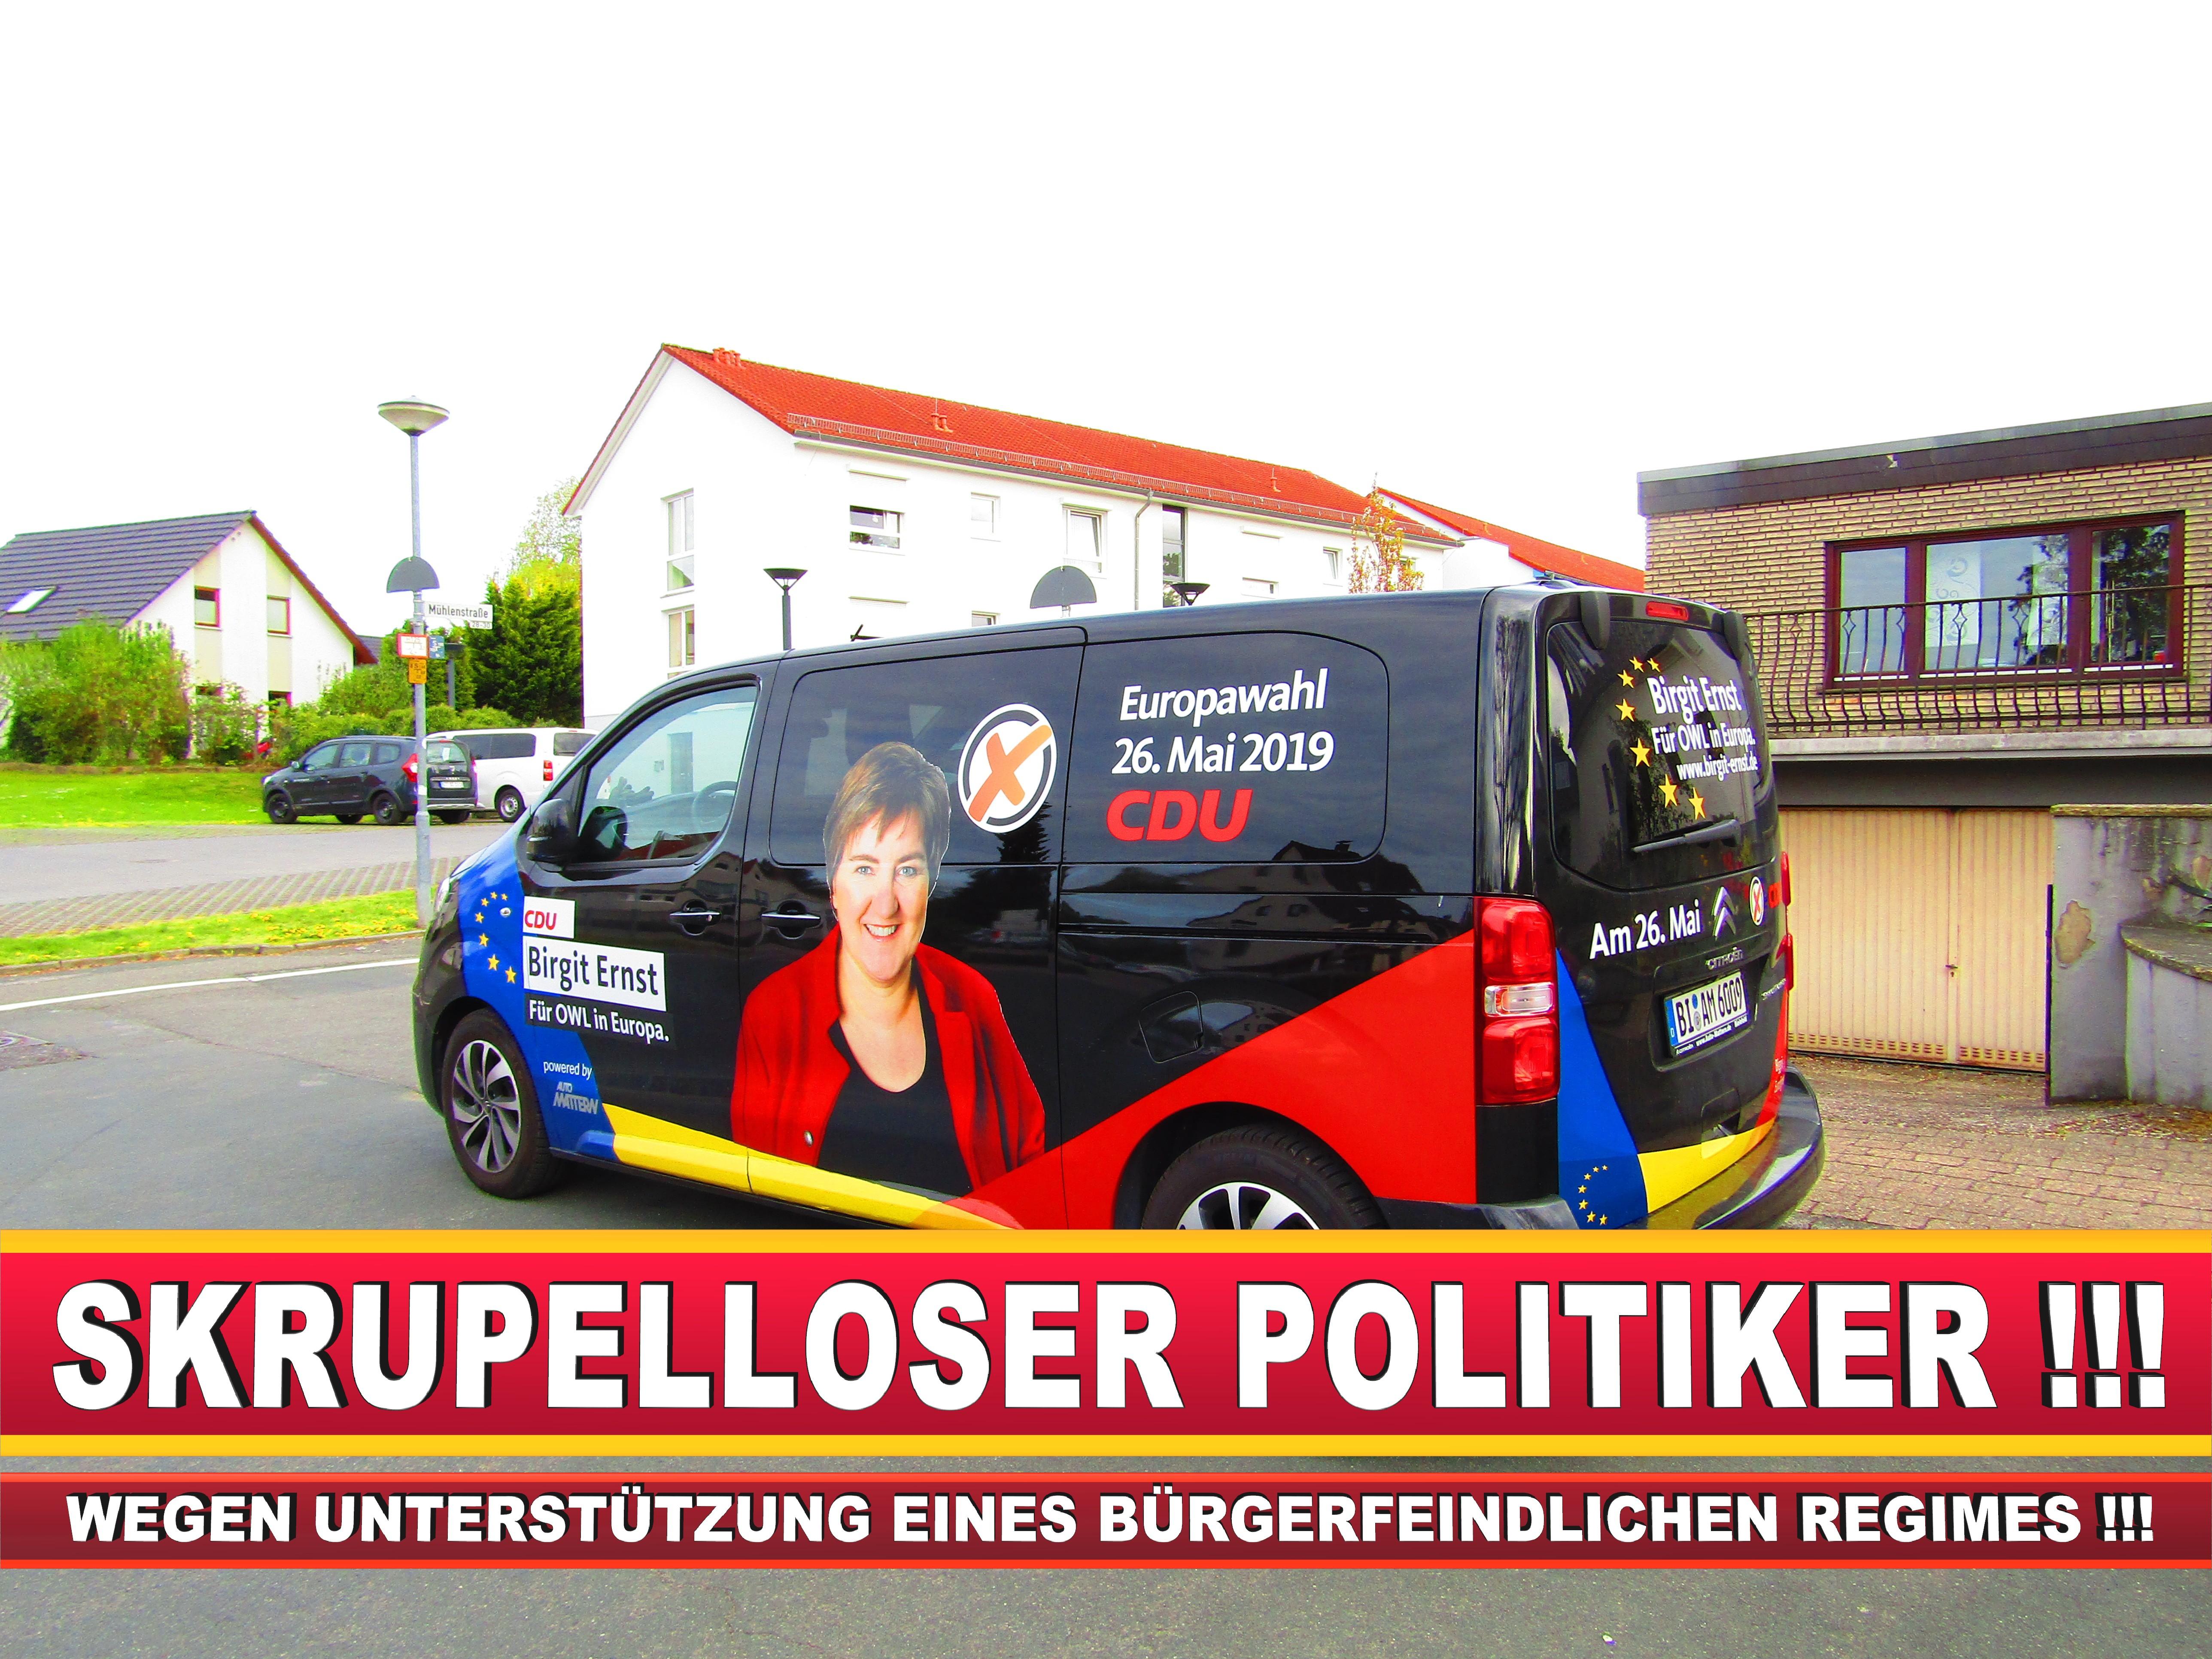 Europawahl Deutschland Birgit Ernst CDU (30)